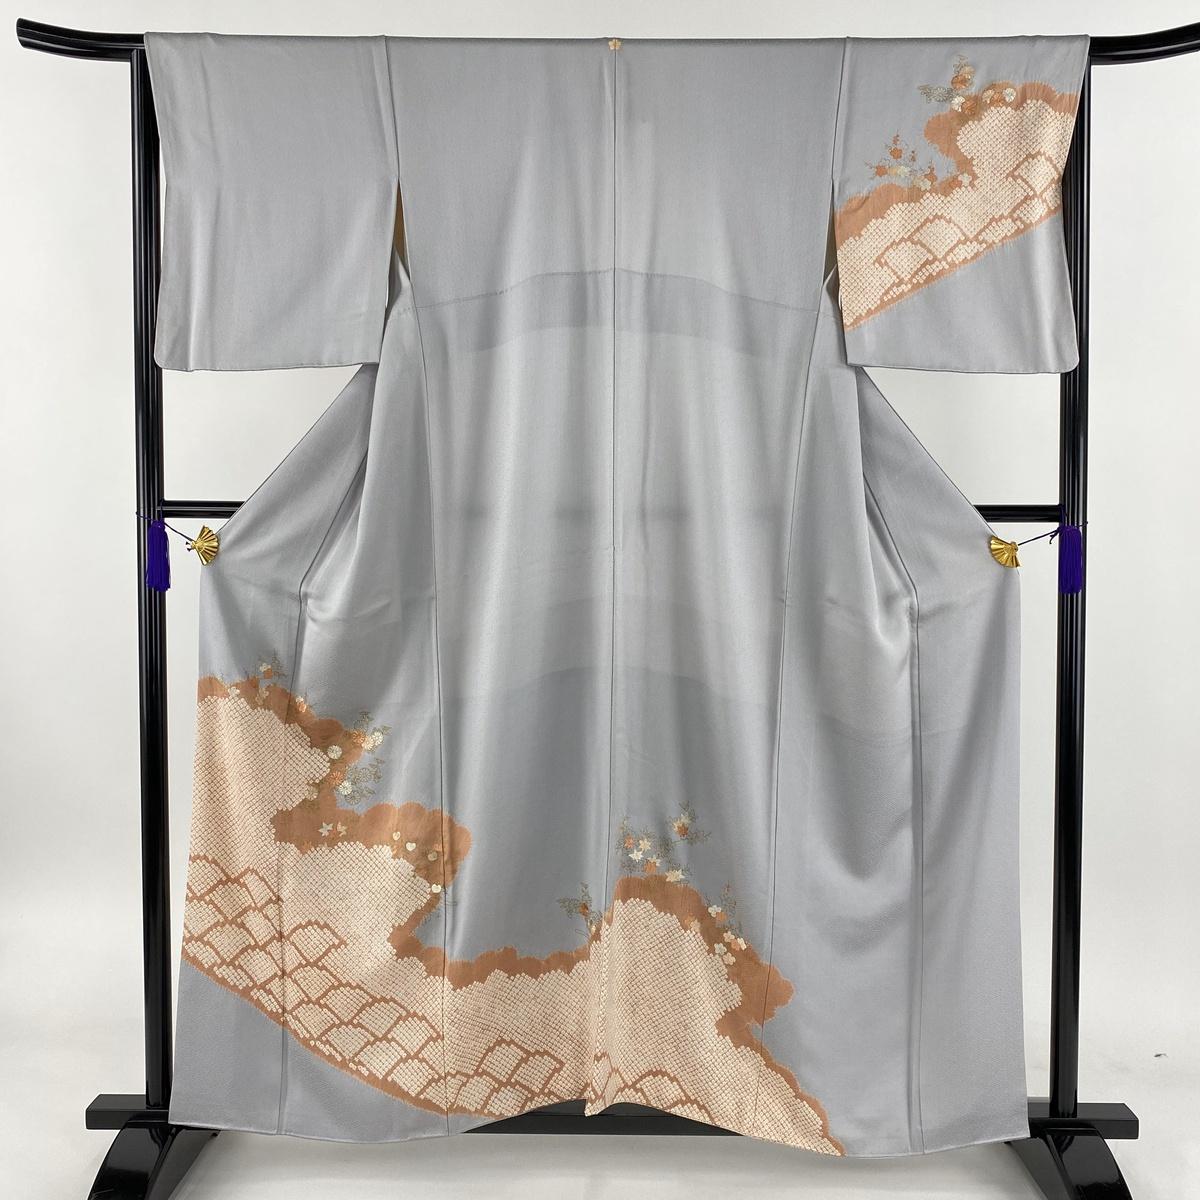 訪問着 秀品 一つ紋 草花 雲文 部分絞り 刺繍 青灰色 袷 身丈157cm 裄丈66cm M 正絹 【中古】